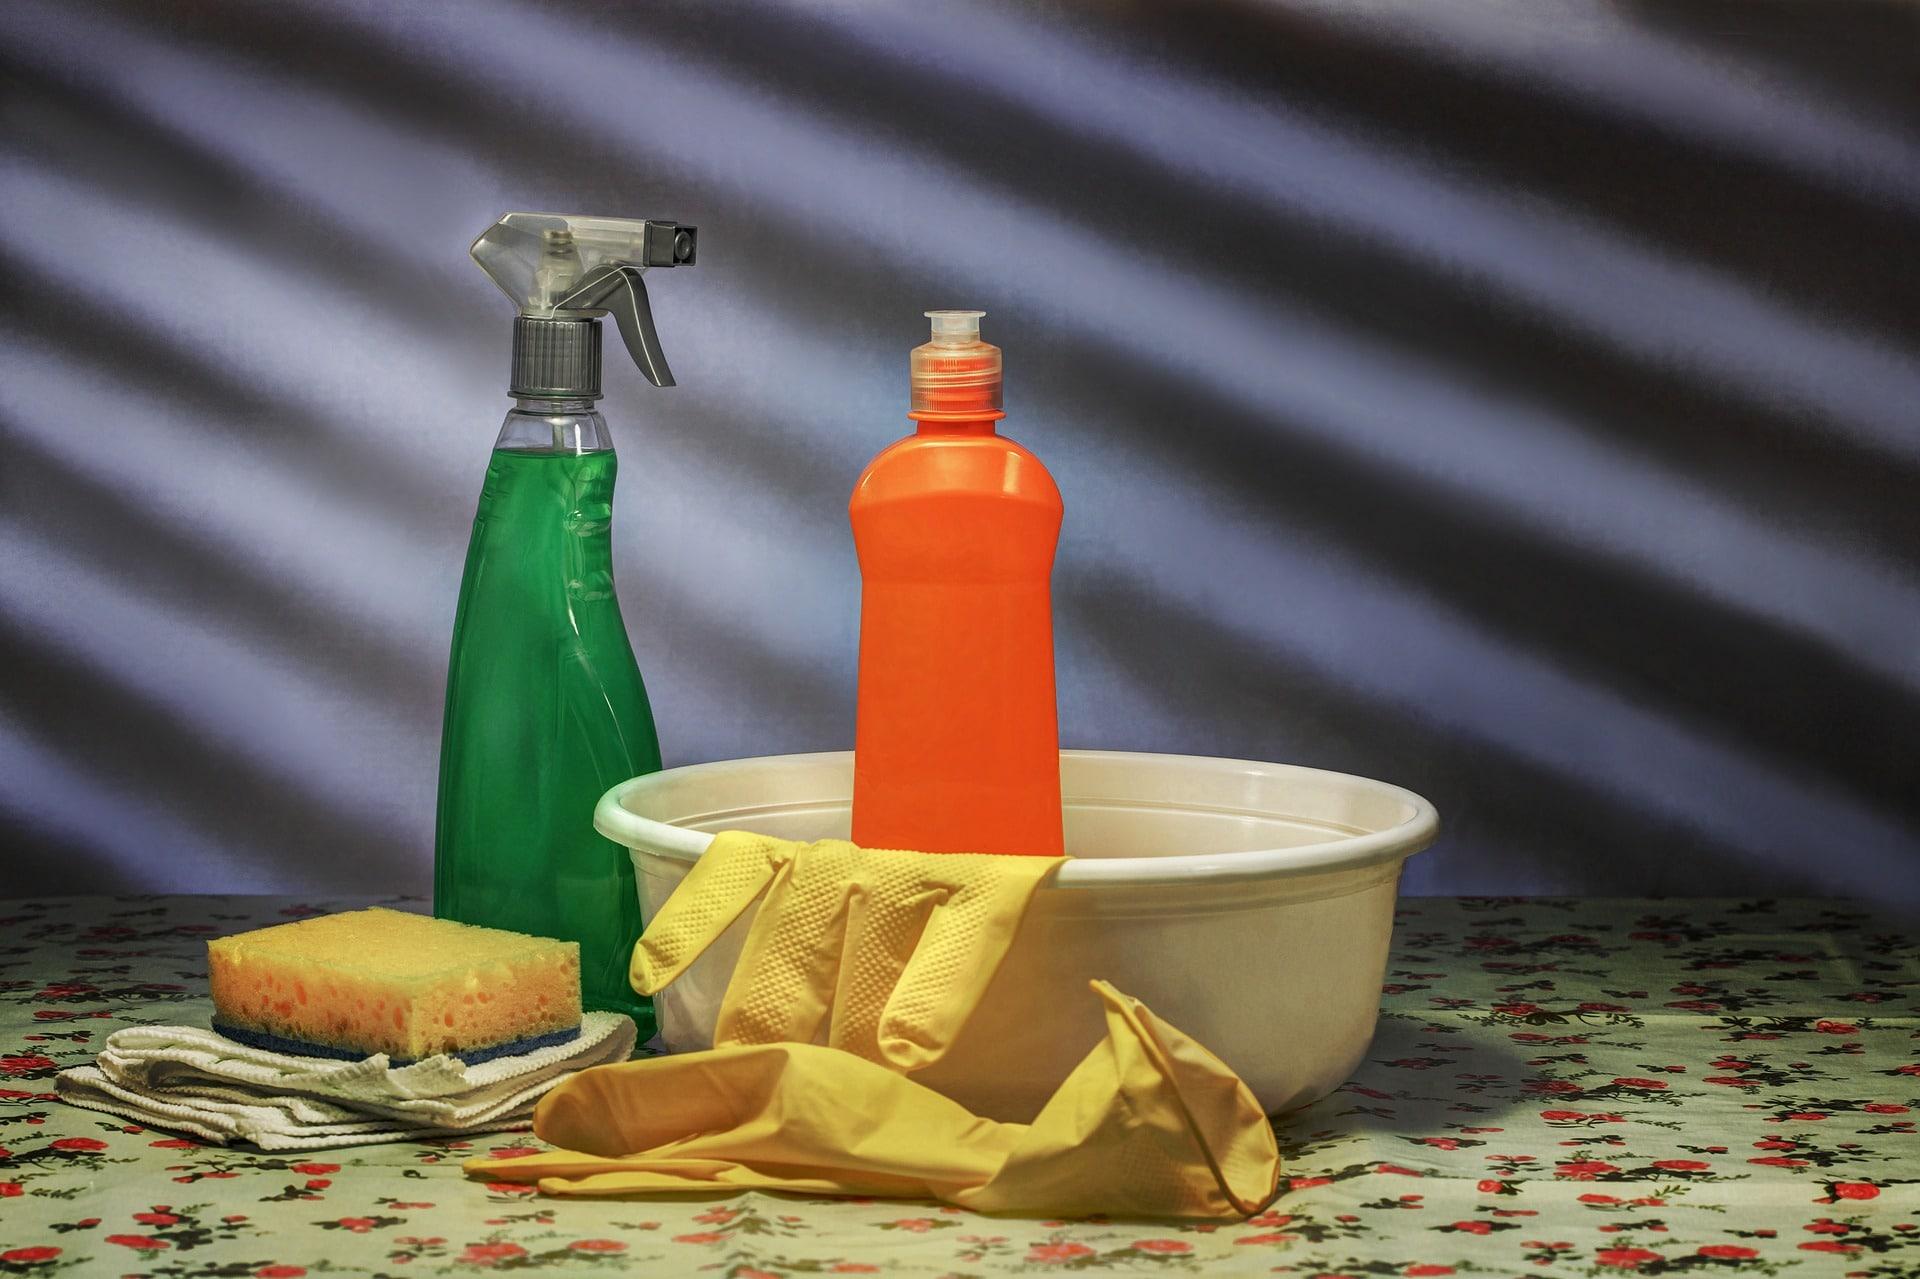 5 טיפים פשוטים כיצד לבחור את שירות ניקיון הבתים הטוב ביותר